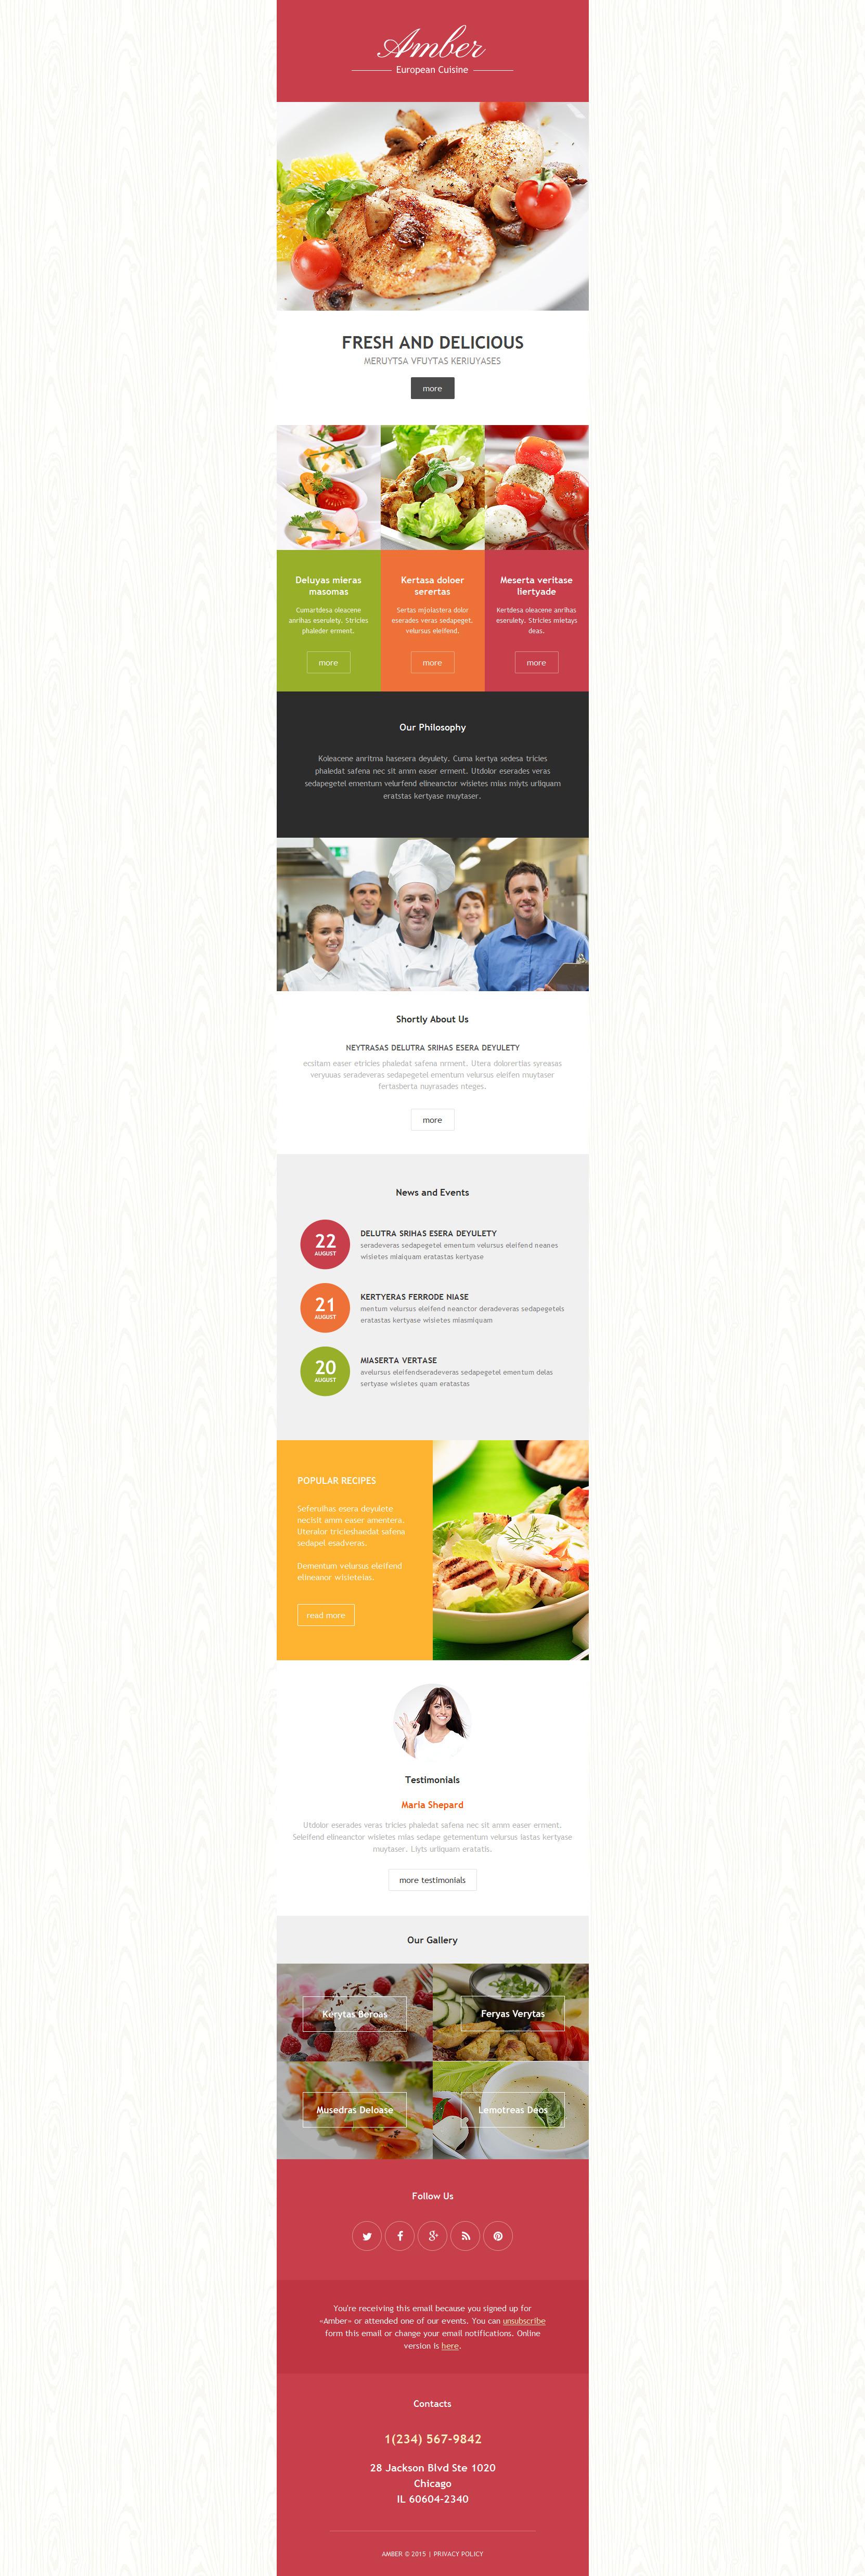 Reszponzív Európai étterem Hírlevél sablon 54962